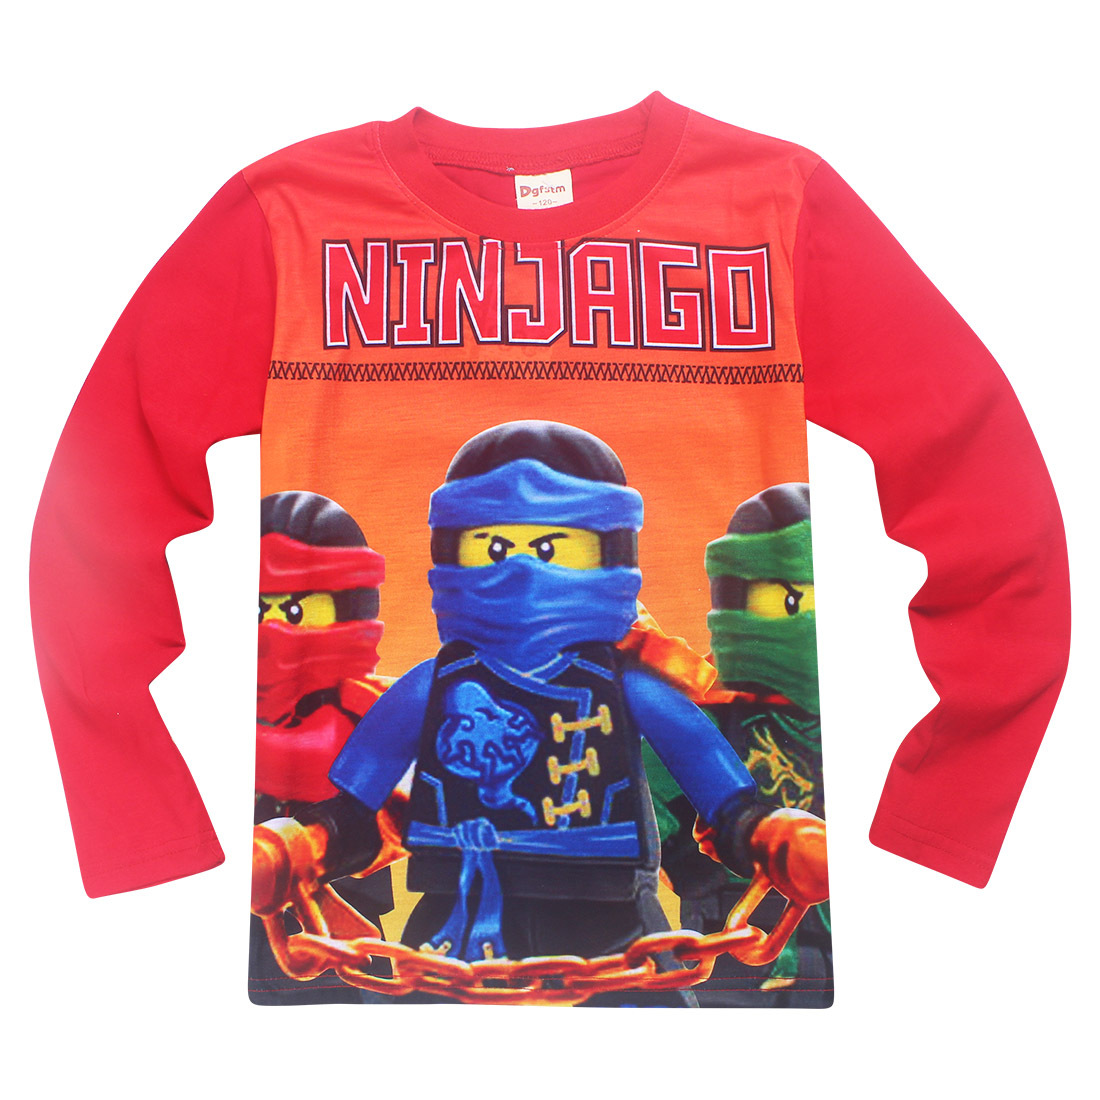 157b284627 Toddler Kds Boy Ninjago Sleepwear Ninja Christmas Pajamas For Boys ...